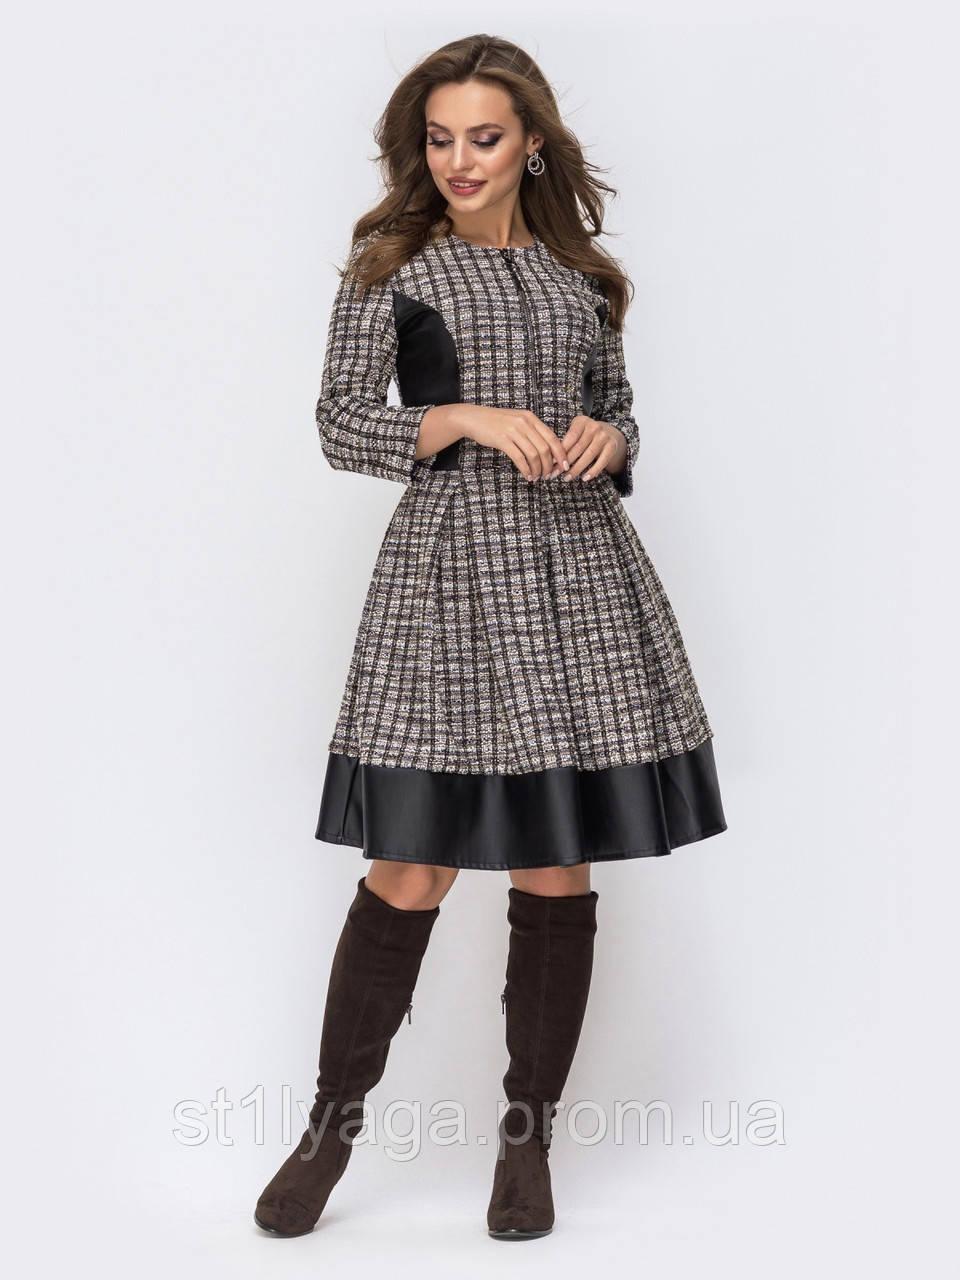 Расклешенное платье из трикотажа в клетку с контрастными вставками из кожи